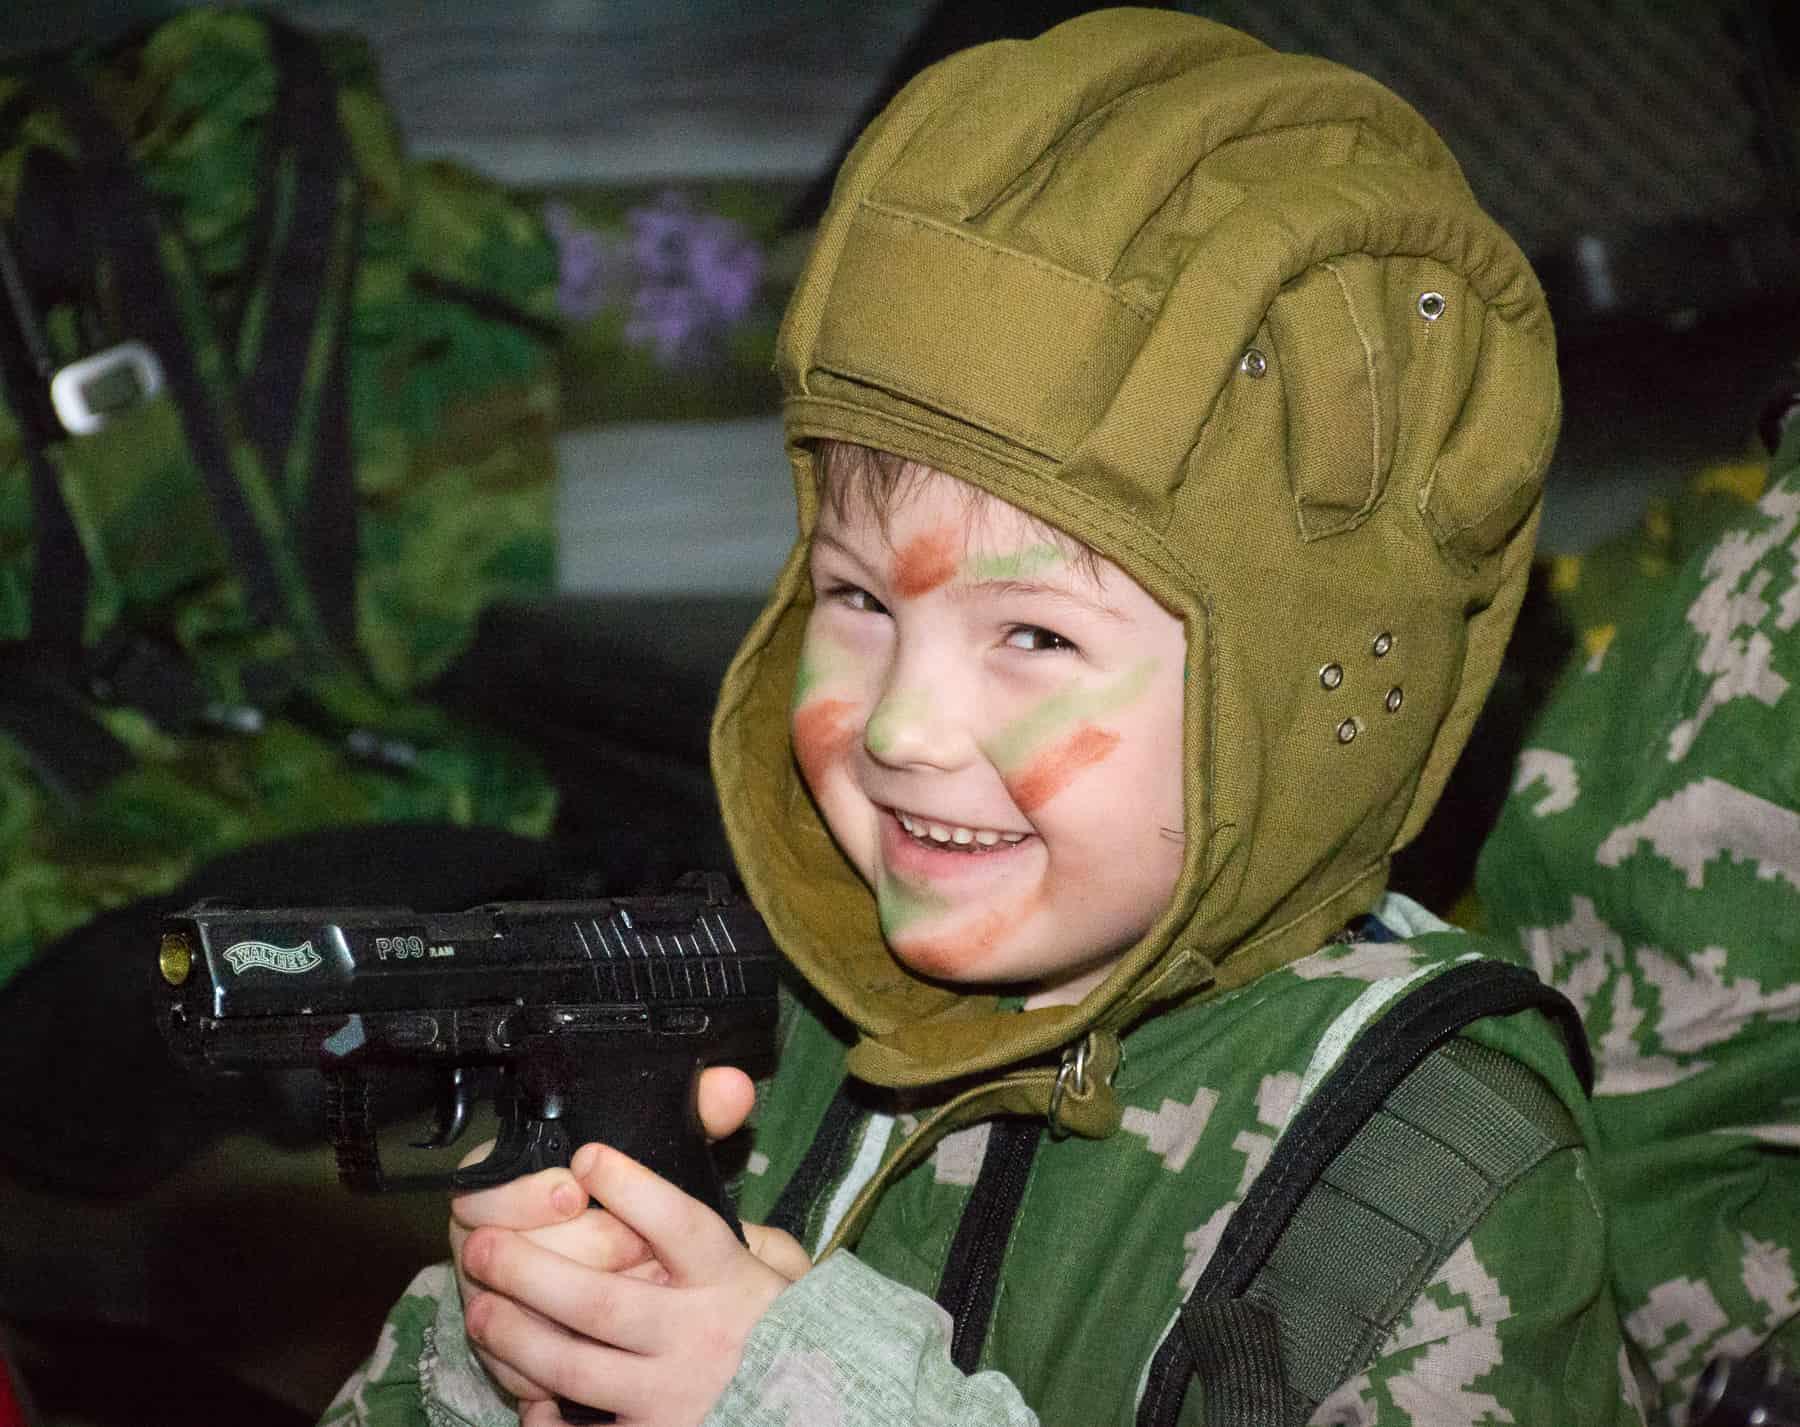 Смеющийся ребёнок фотозоне на 23 февраля